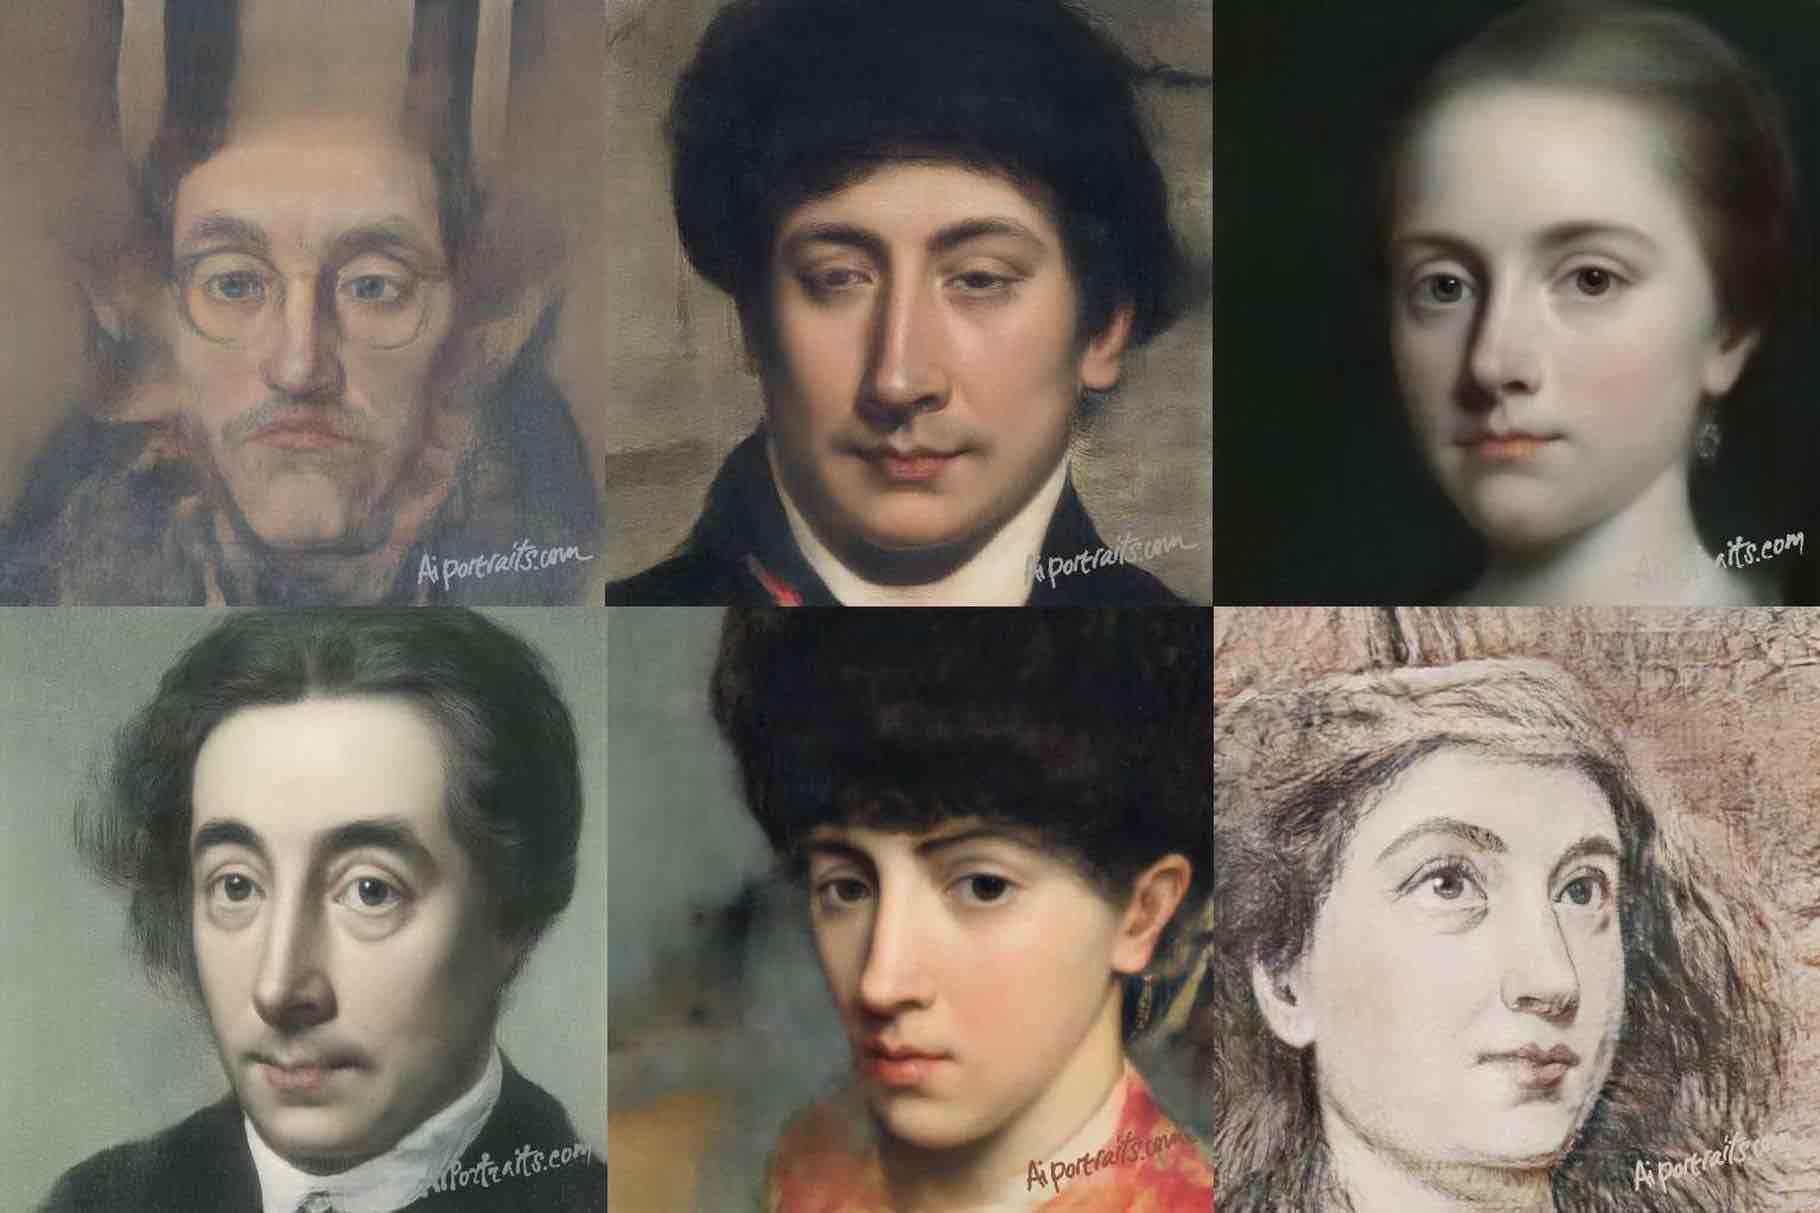 Après FaceApp cette IA transforme vos selfies en oeuvres d'art